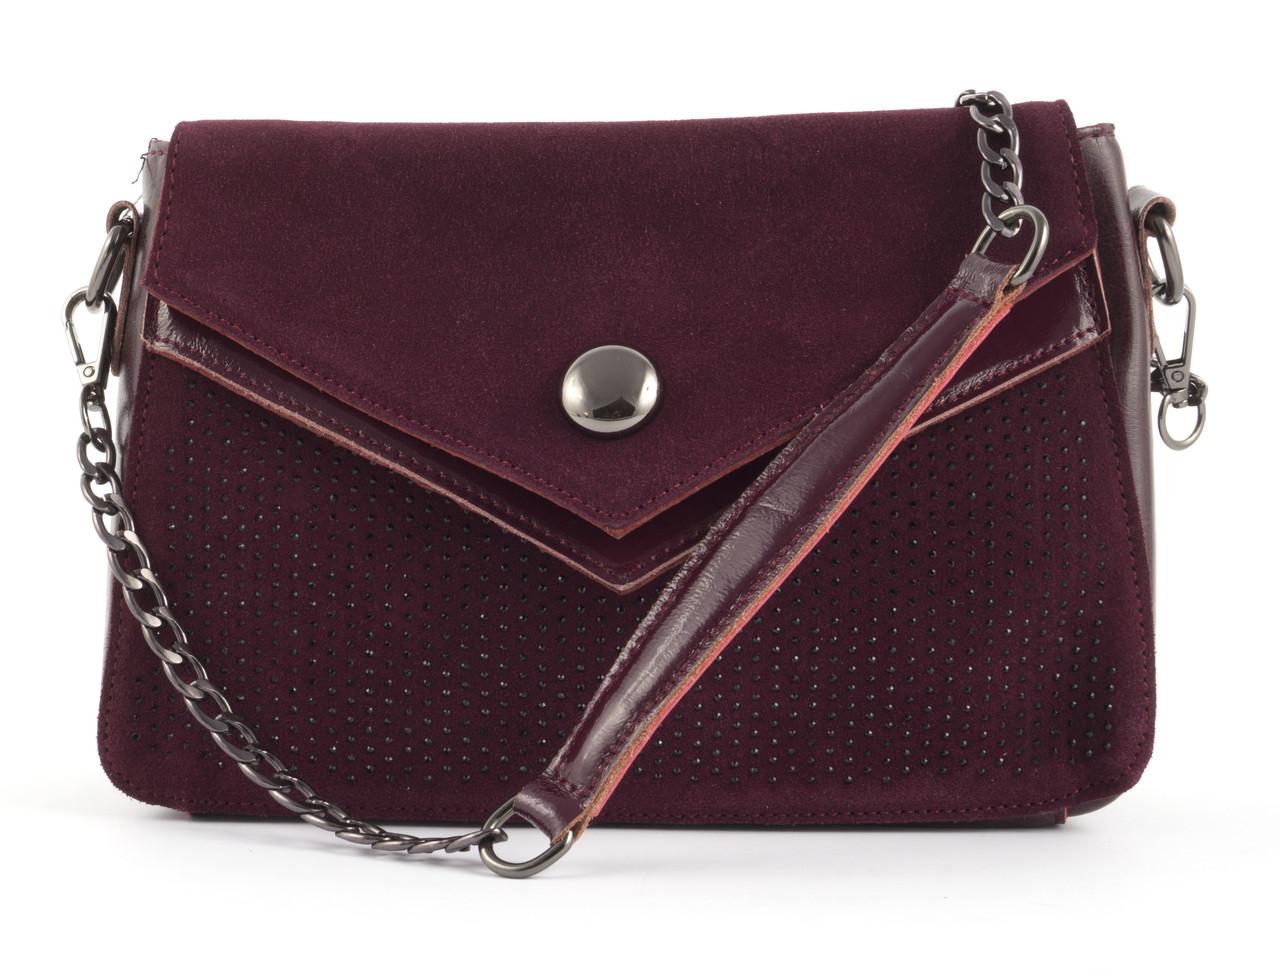 Невелика стильна шкіряна жіноча сумочка з замшевої лицьовою частиною зі стразами Solana art. 7315 Туреччина